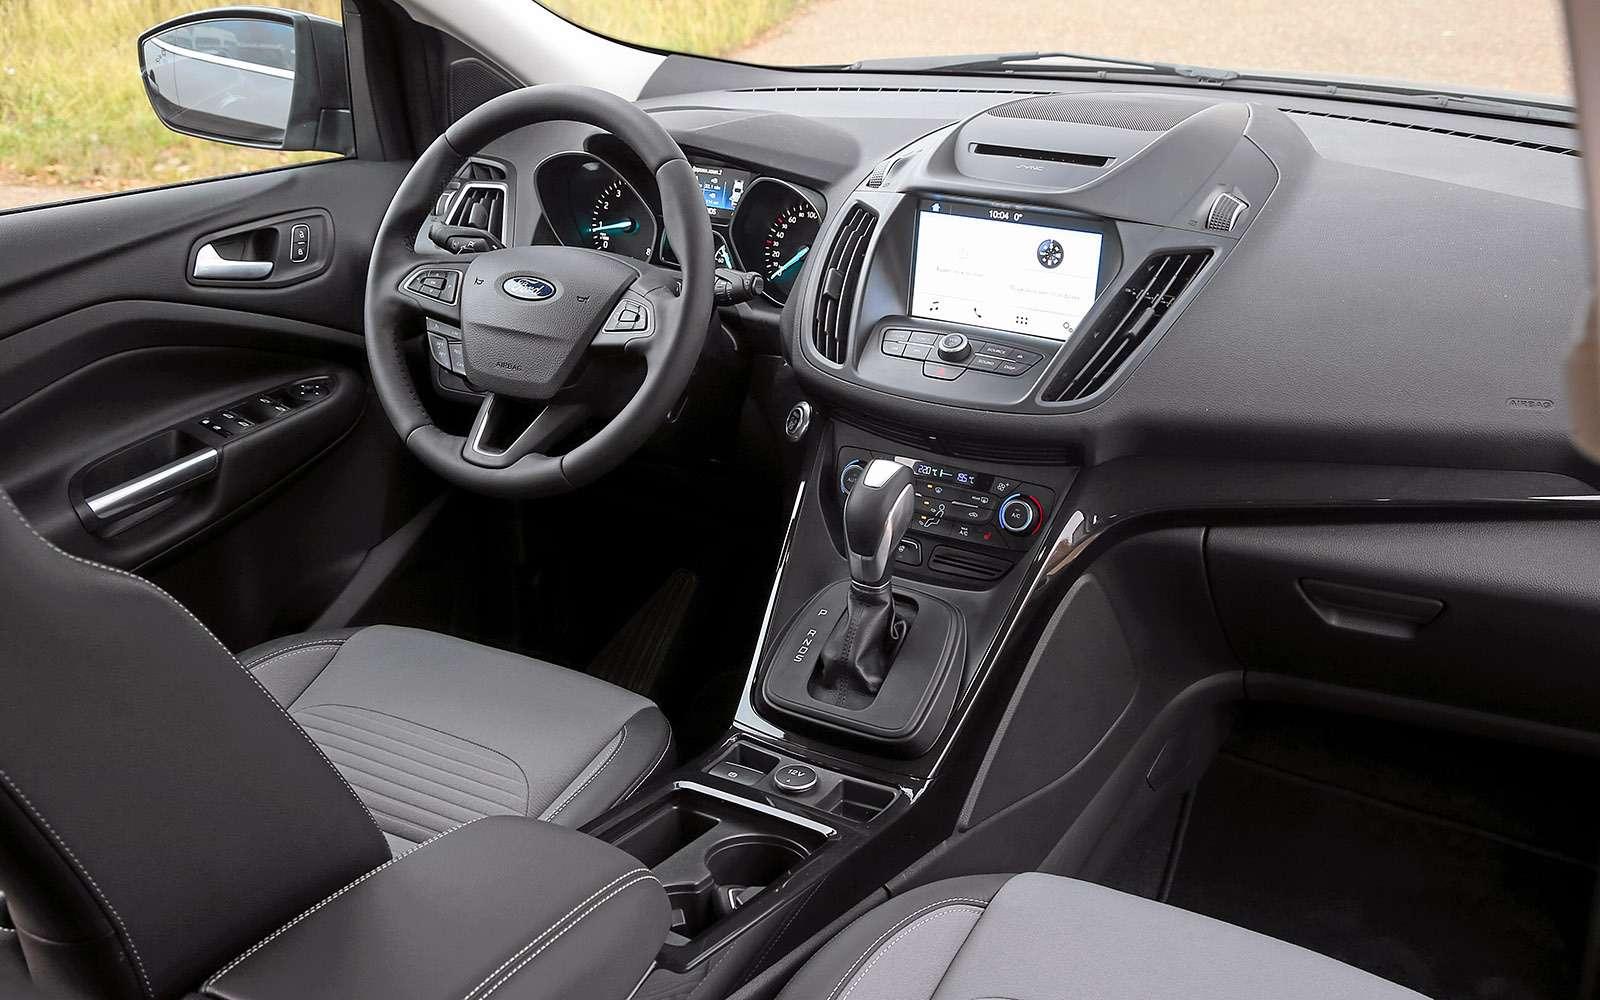 Обновленный Ford Kuga российской сборки: мыпоездили нанем первыми!— фото 674475